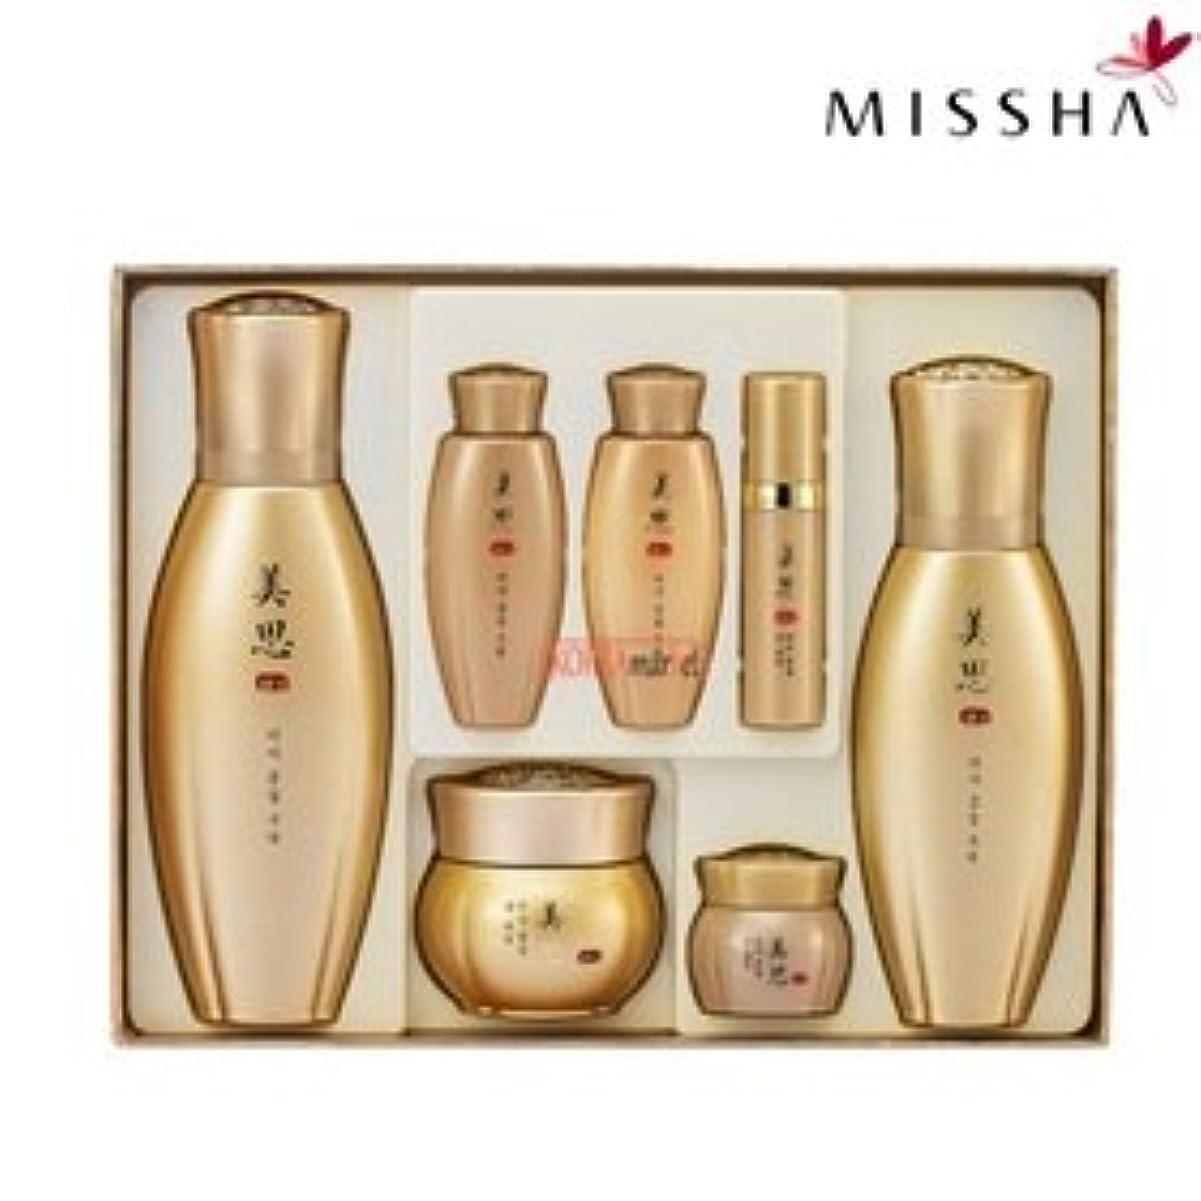 雇用カナダ脱獄MISSHA(ミシャ)97種漢方成分配合美思 金雪(クムソル)3種企画セット 海外直送品